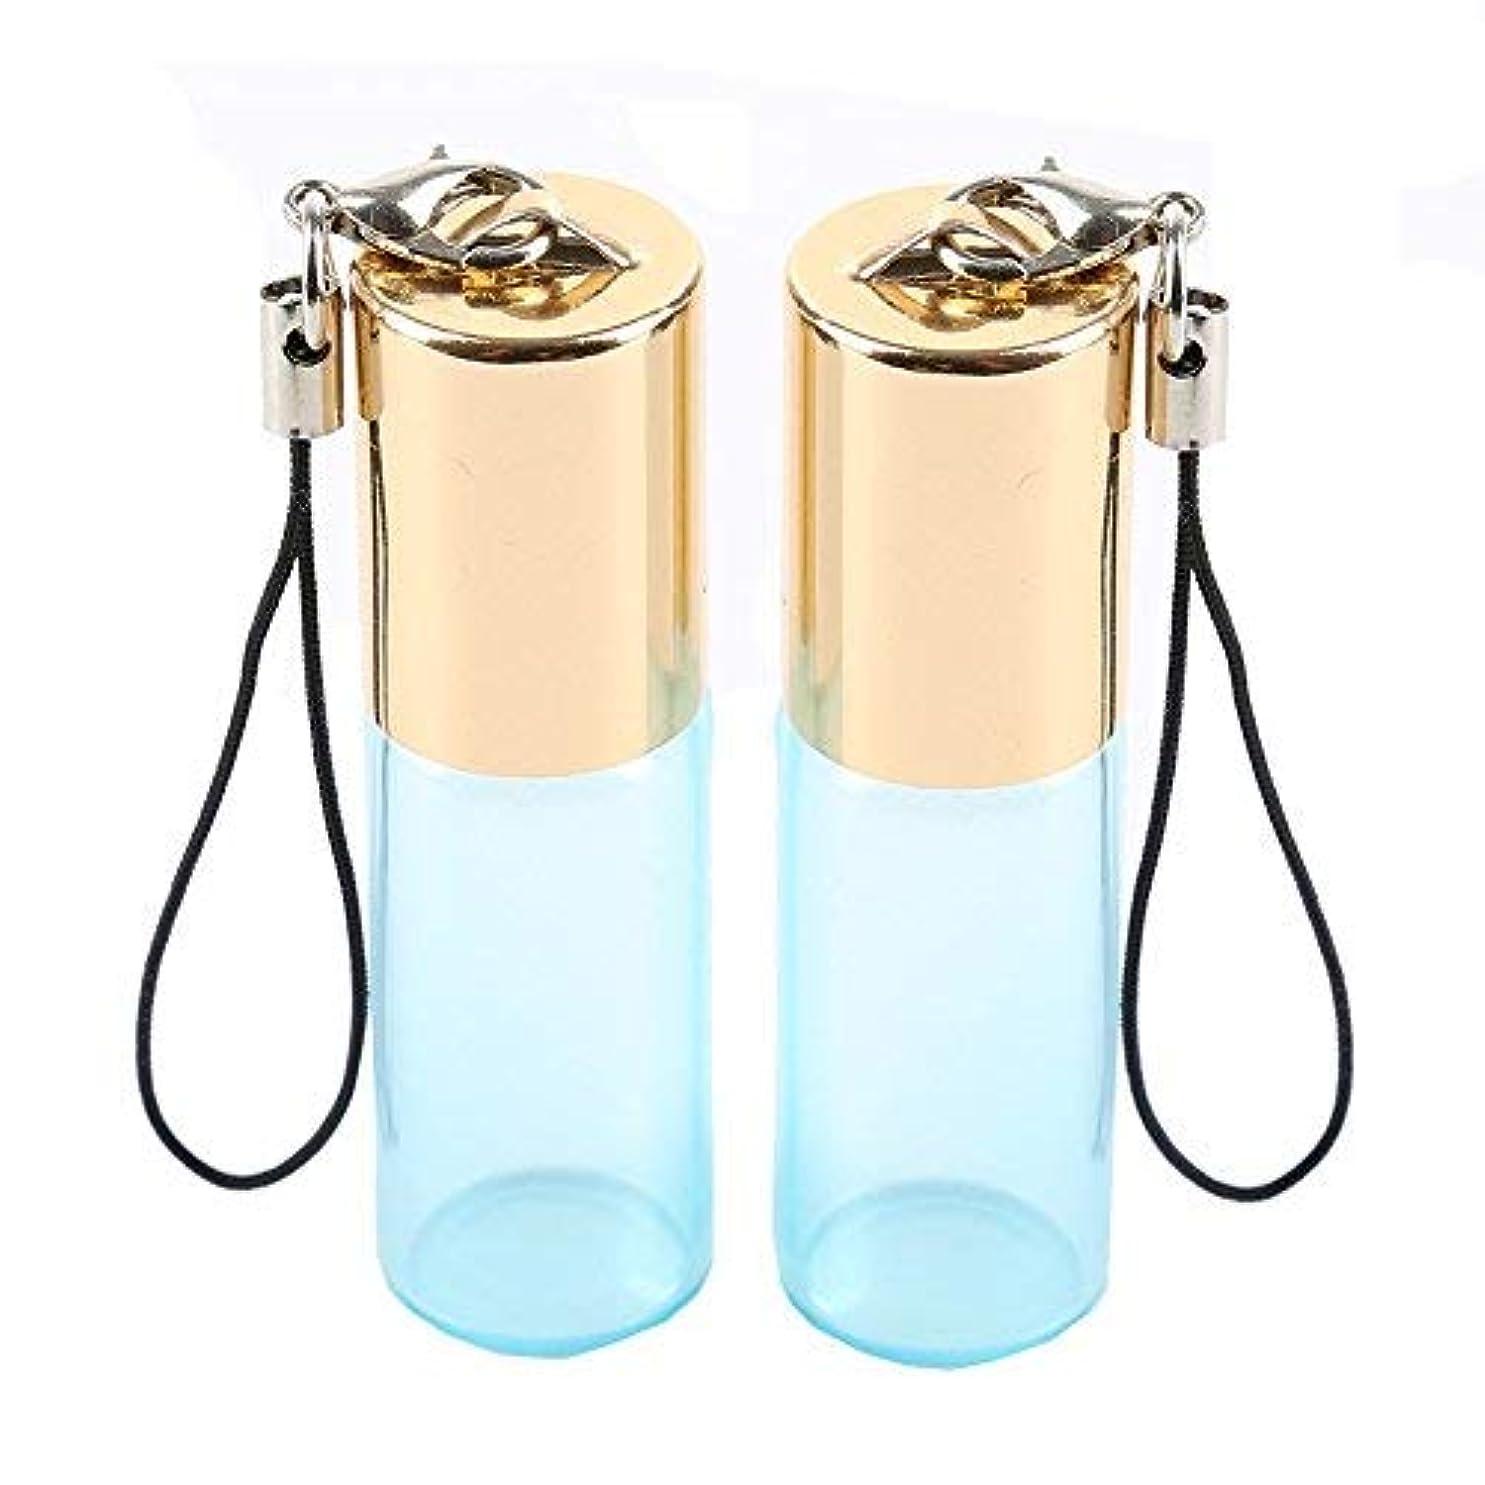 枯れるピンク時系列Empty Roller Bottles - Pack of 12 5ml Pearl Colored Glass Roll-on Bottles for Essential Oil Container with Golden...